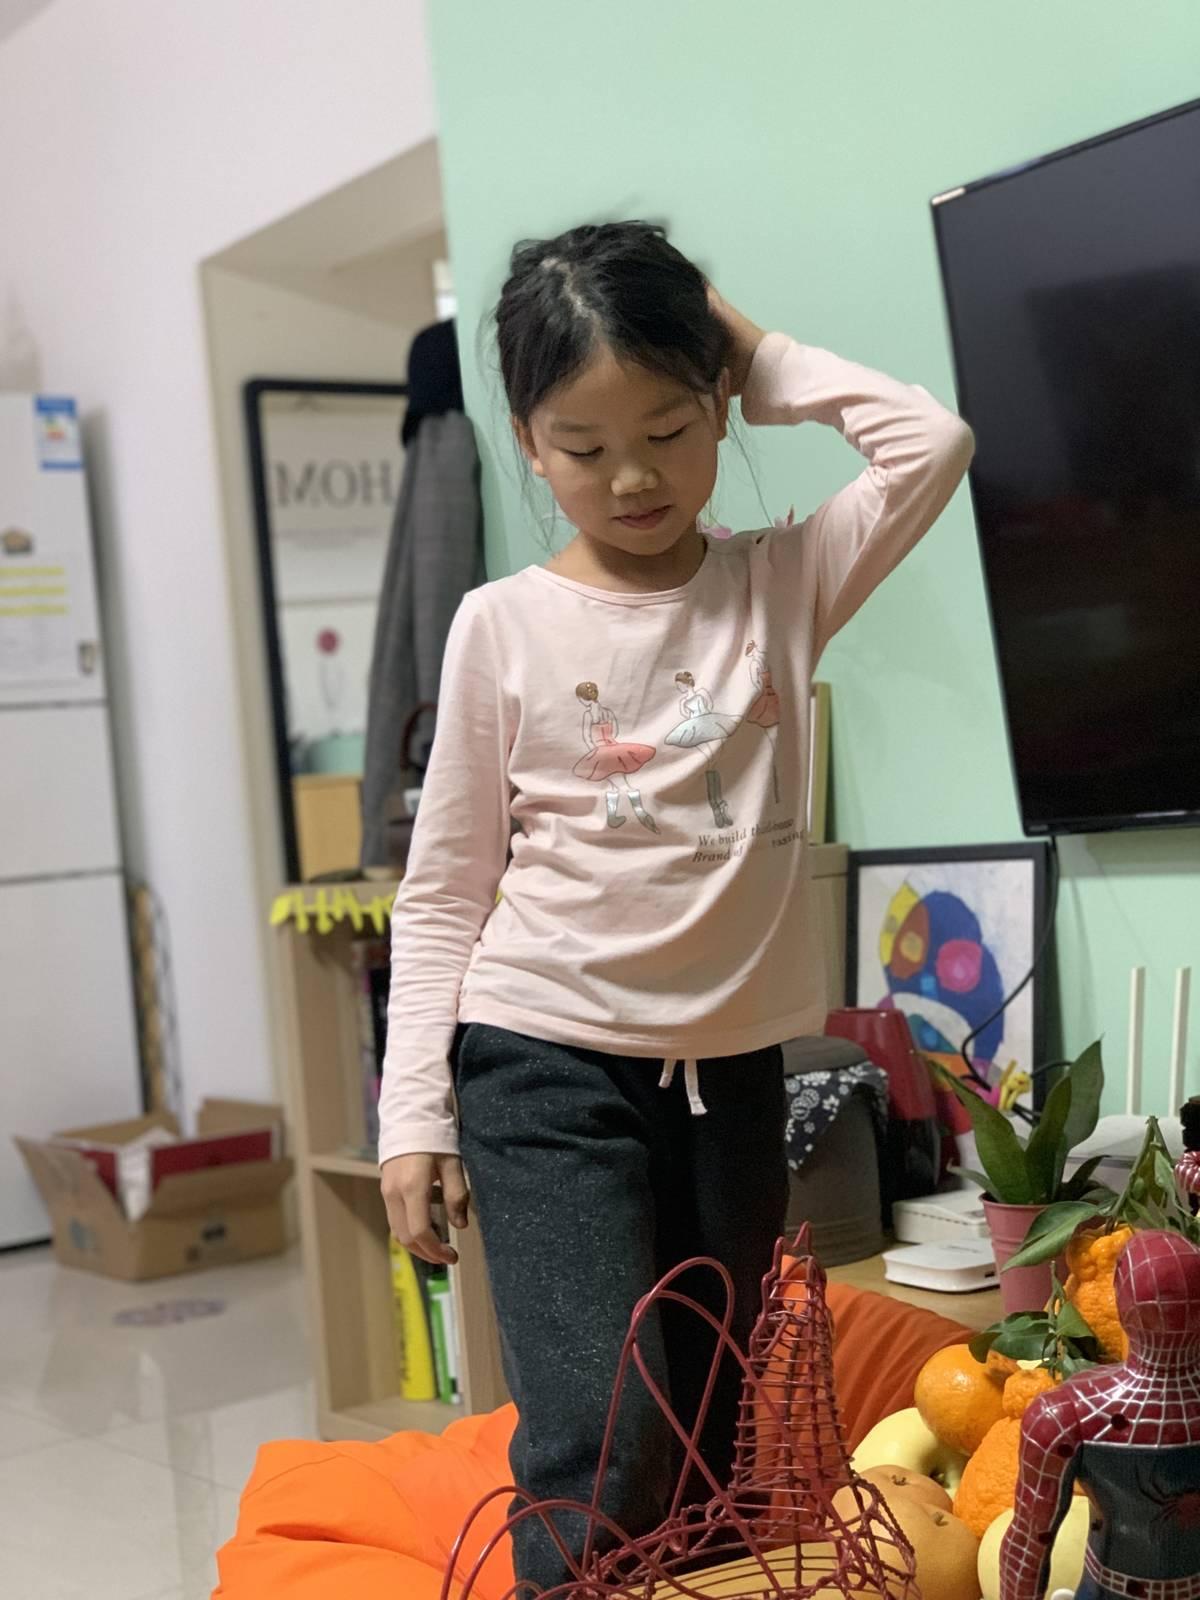 昨天吃晚饭的时候,我把黄瓜花给多多吃,然后多多就教育我,这是季节菜,要多吃点!